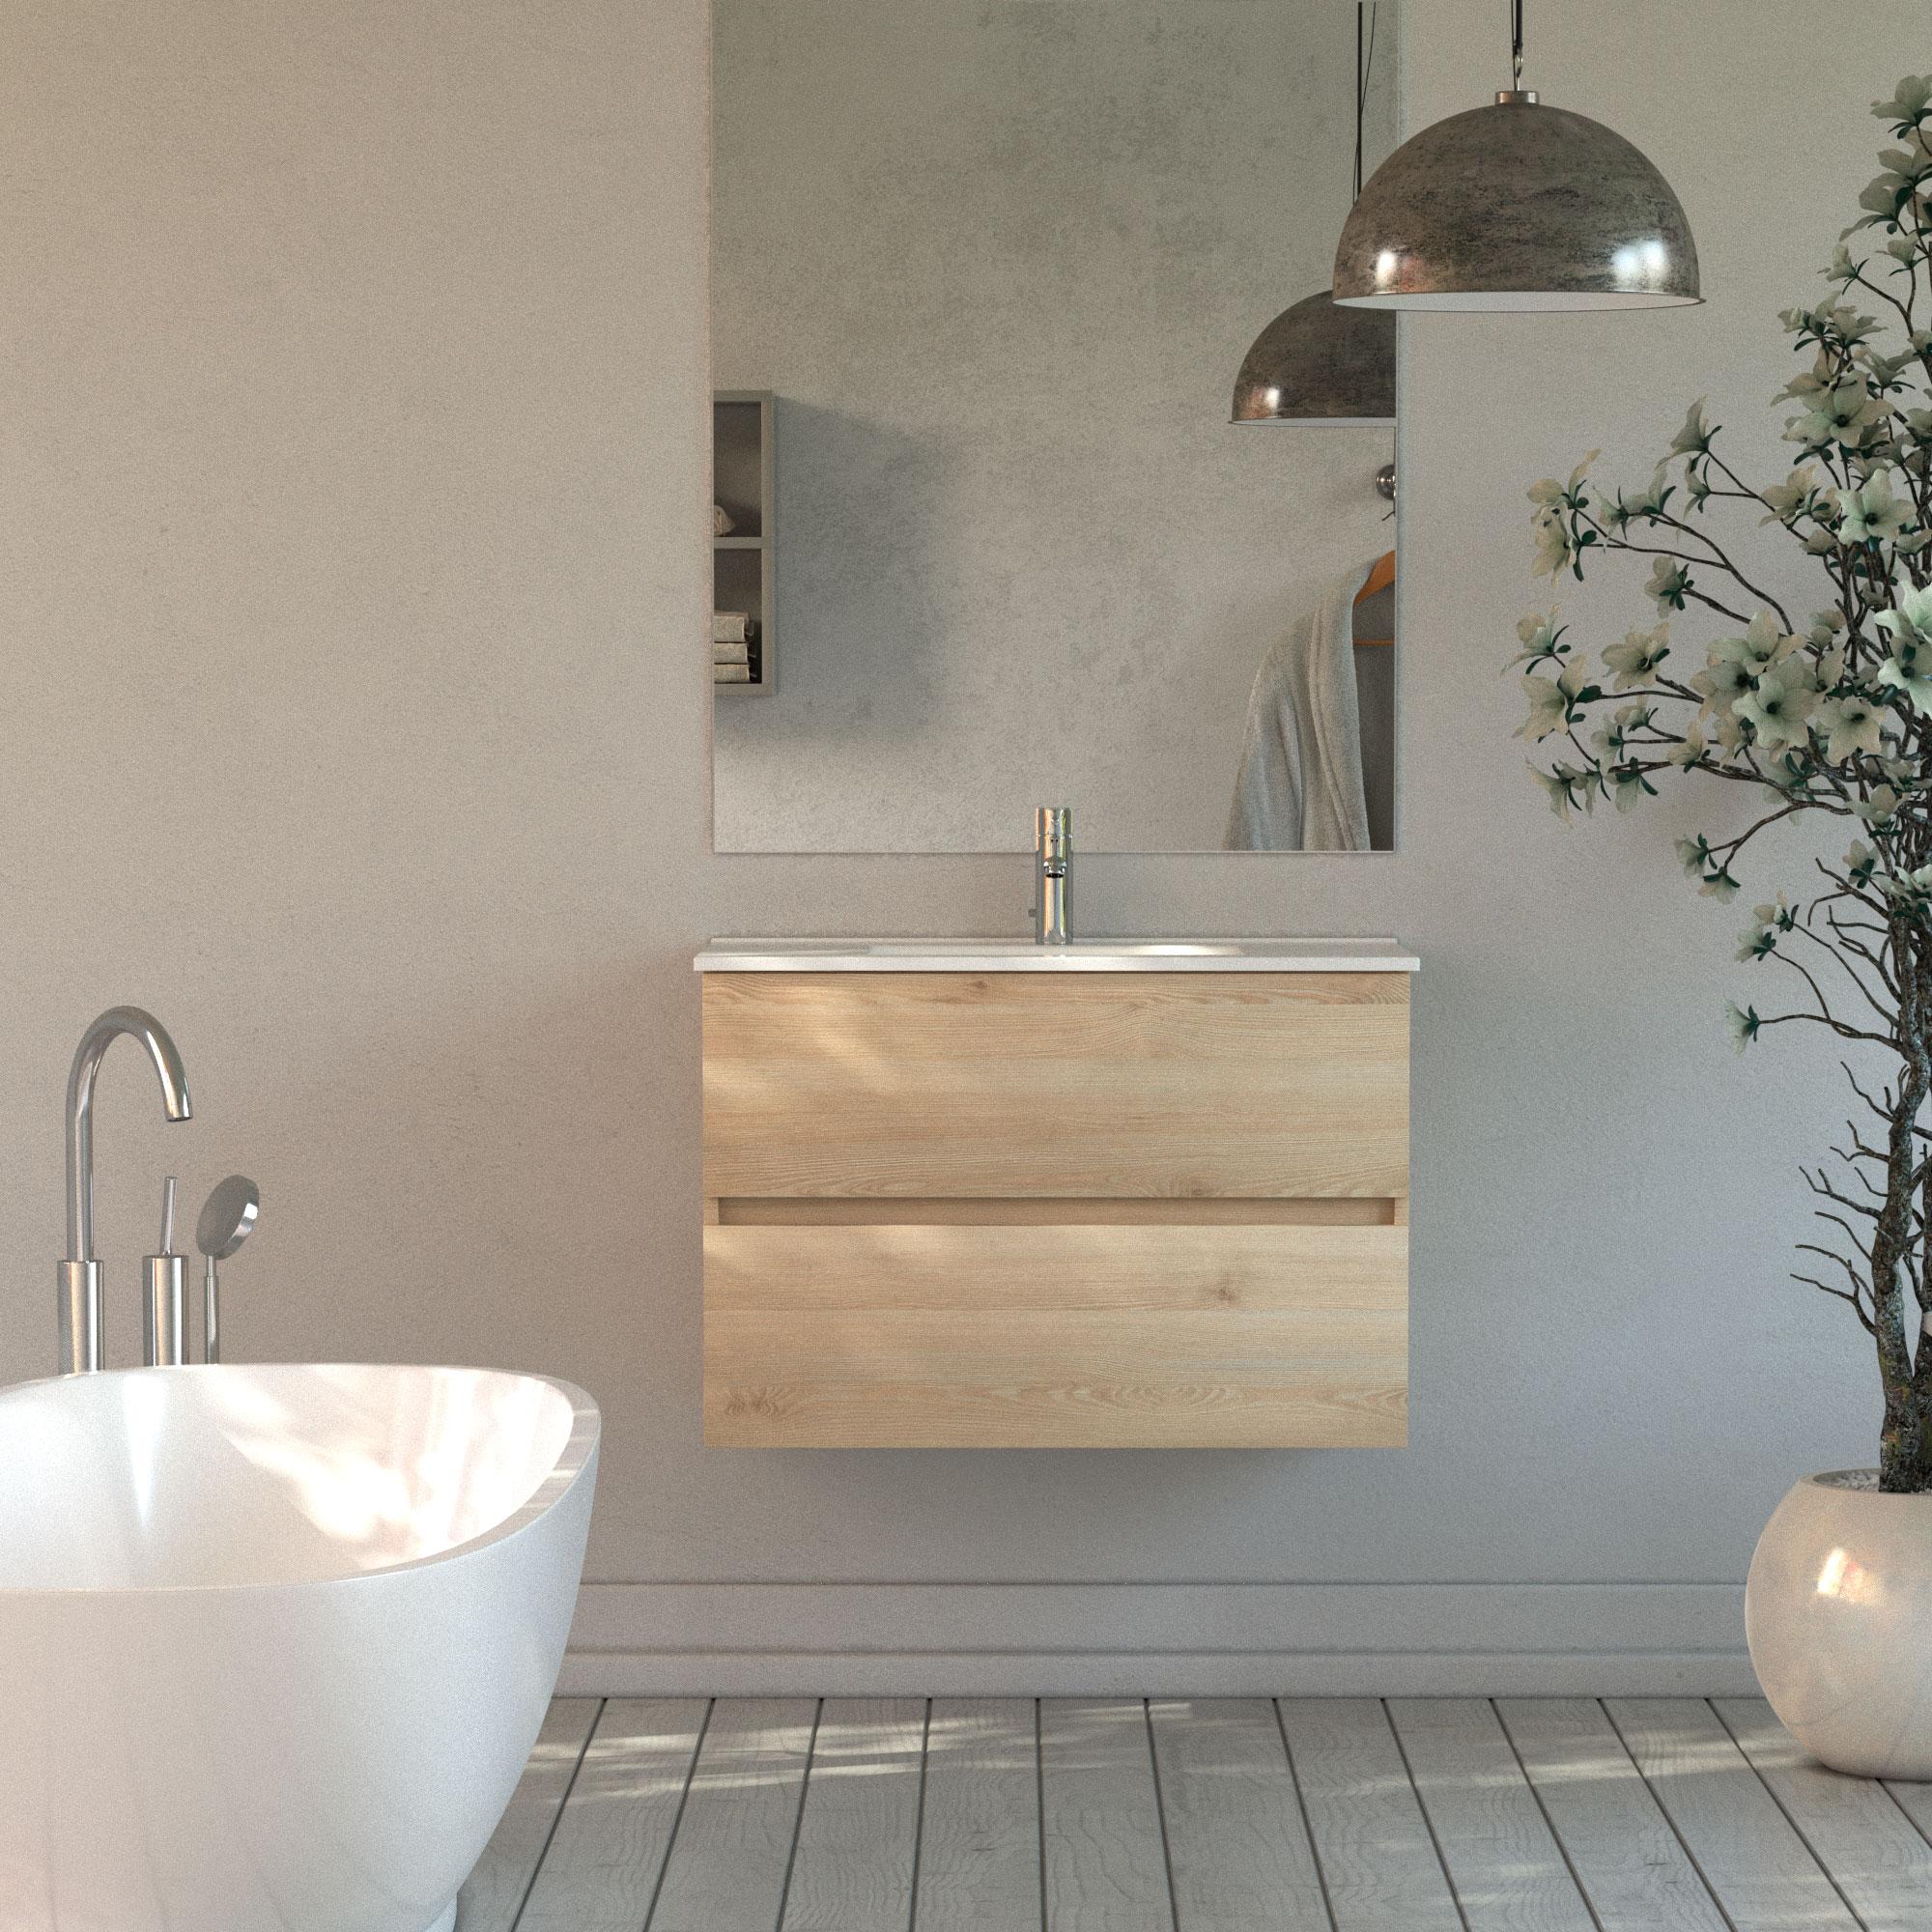 imágenes 3D ambientes baño